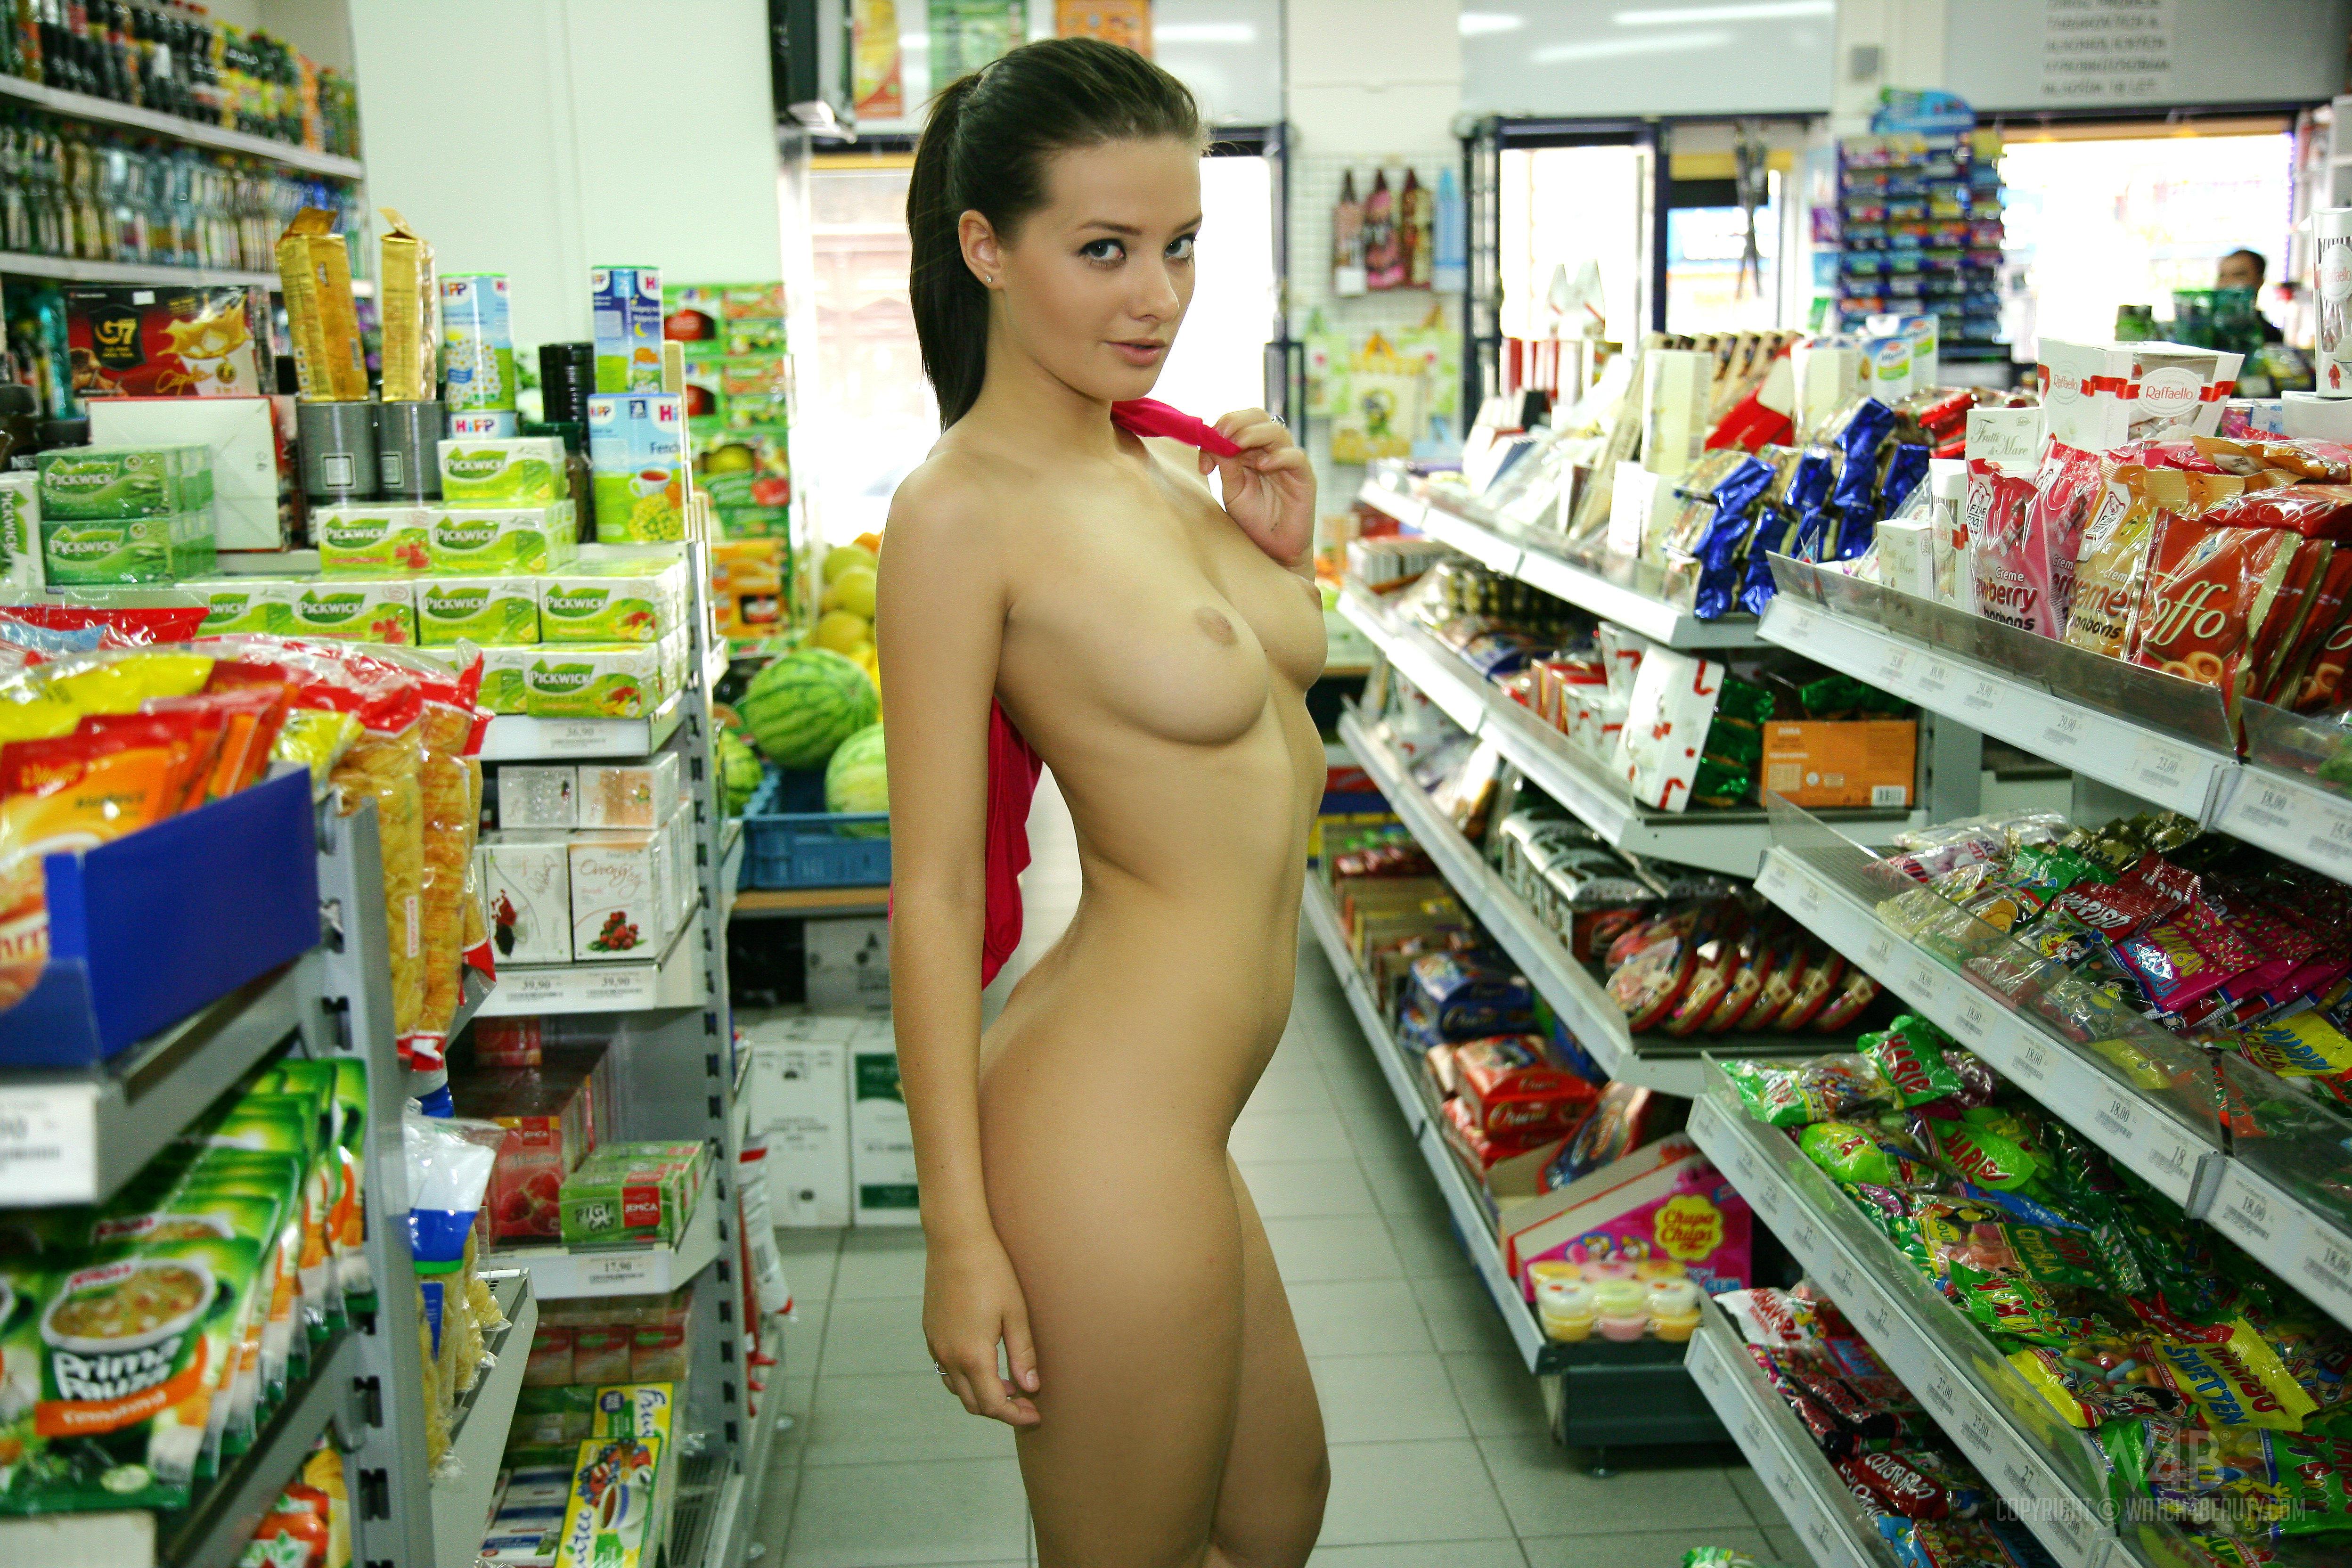 консультант в магазине порно фильм сегодня